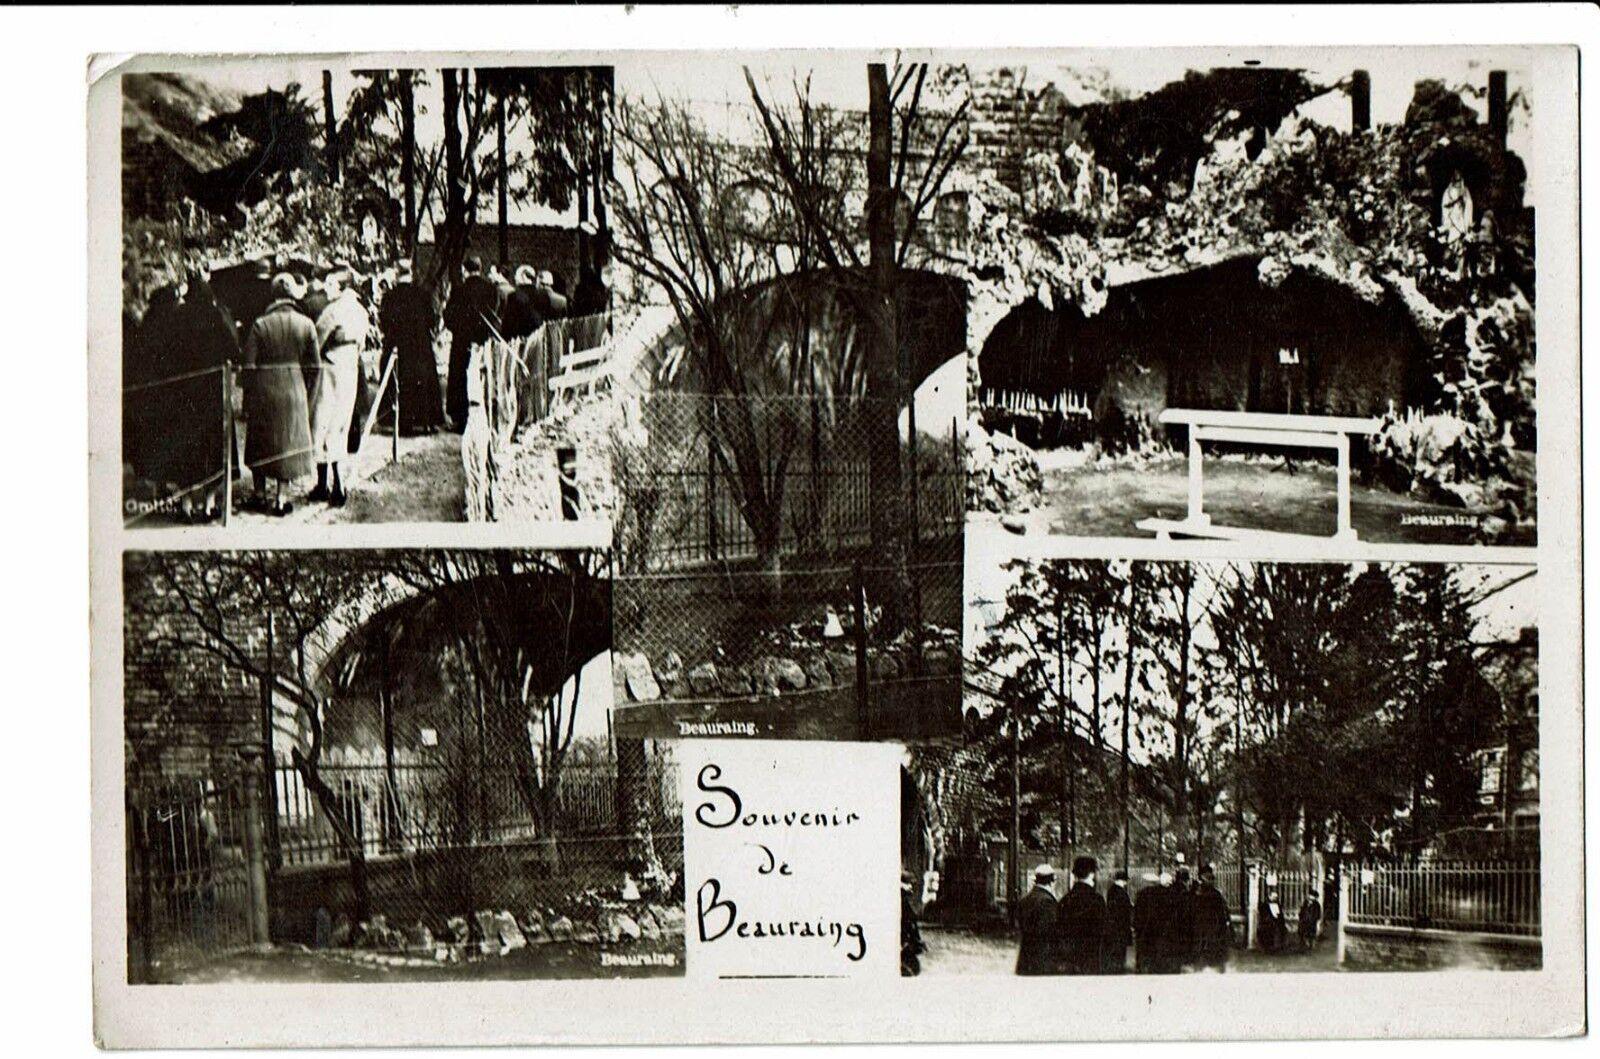 CPA-Carte postale--Belgique - Beauraing- Souvenir de Beauraing-1934- S4561